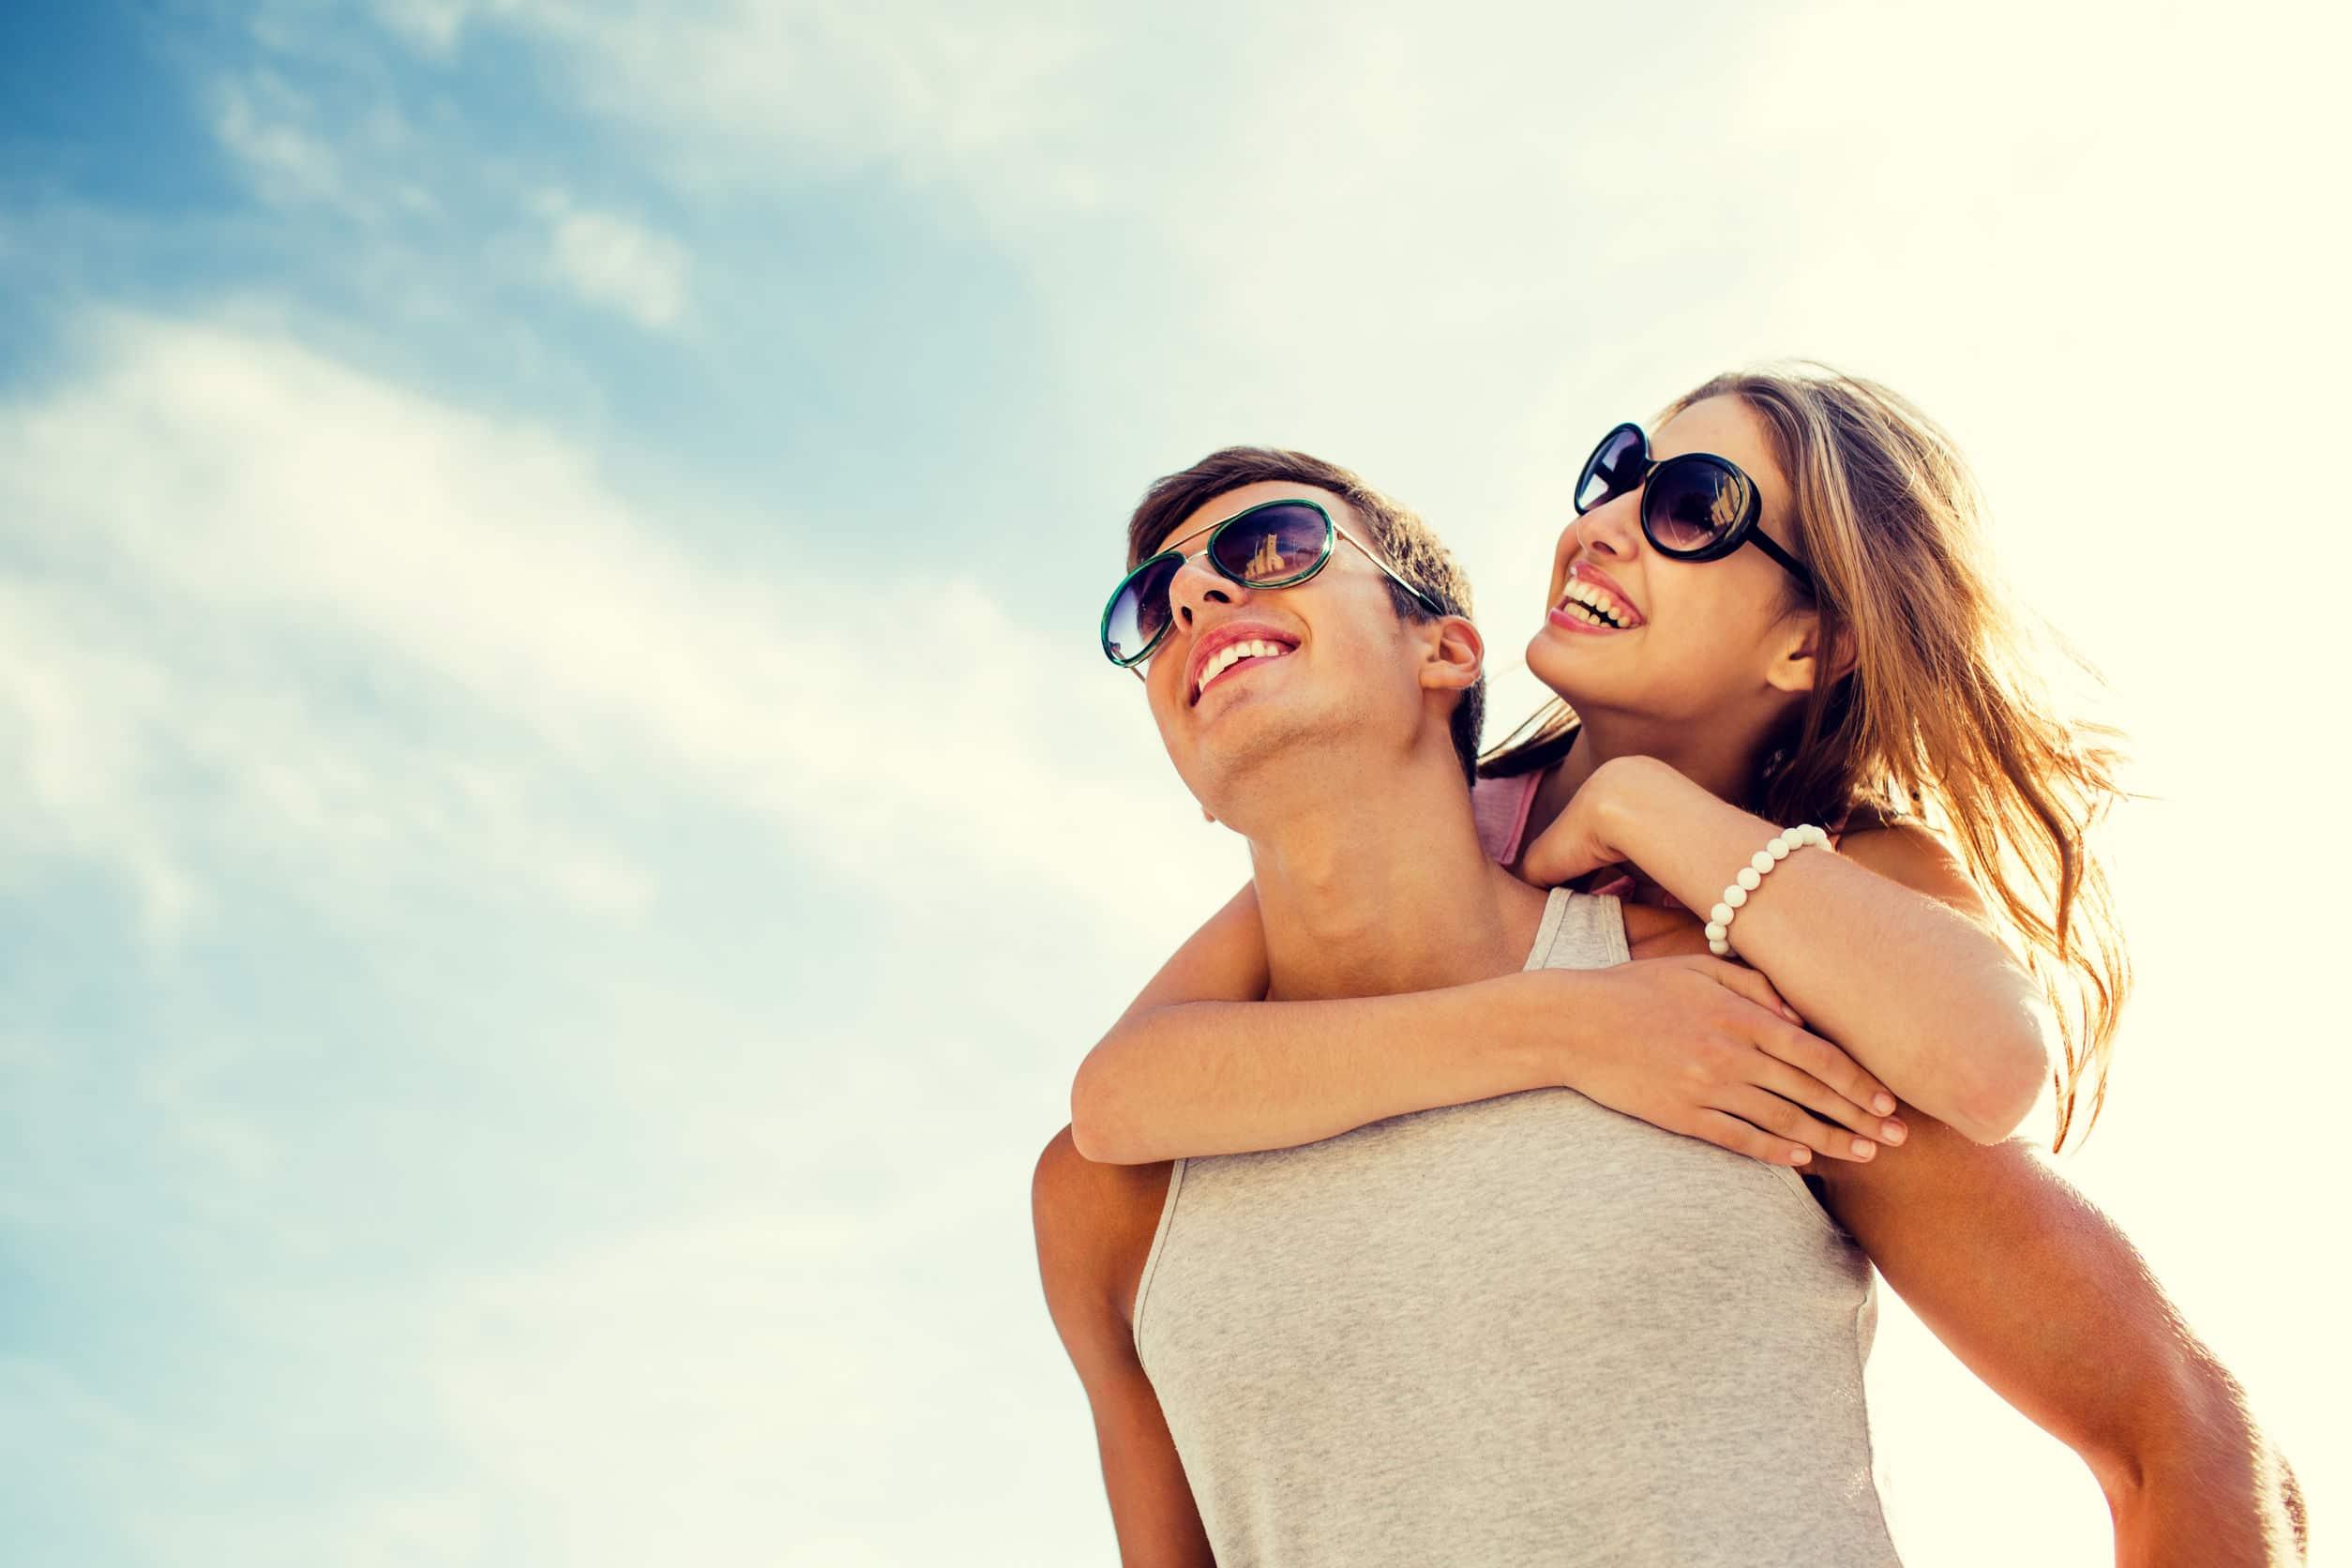 Mulher montada nas costas de homem, ambos usando óculos de sol, com o céu ensolarado ao fundo.